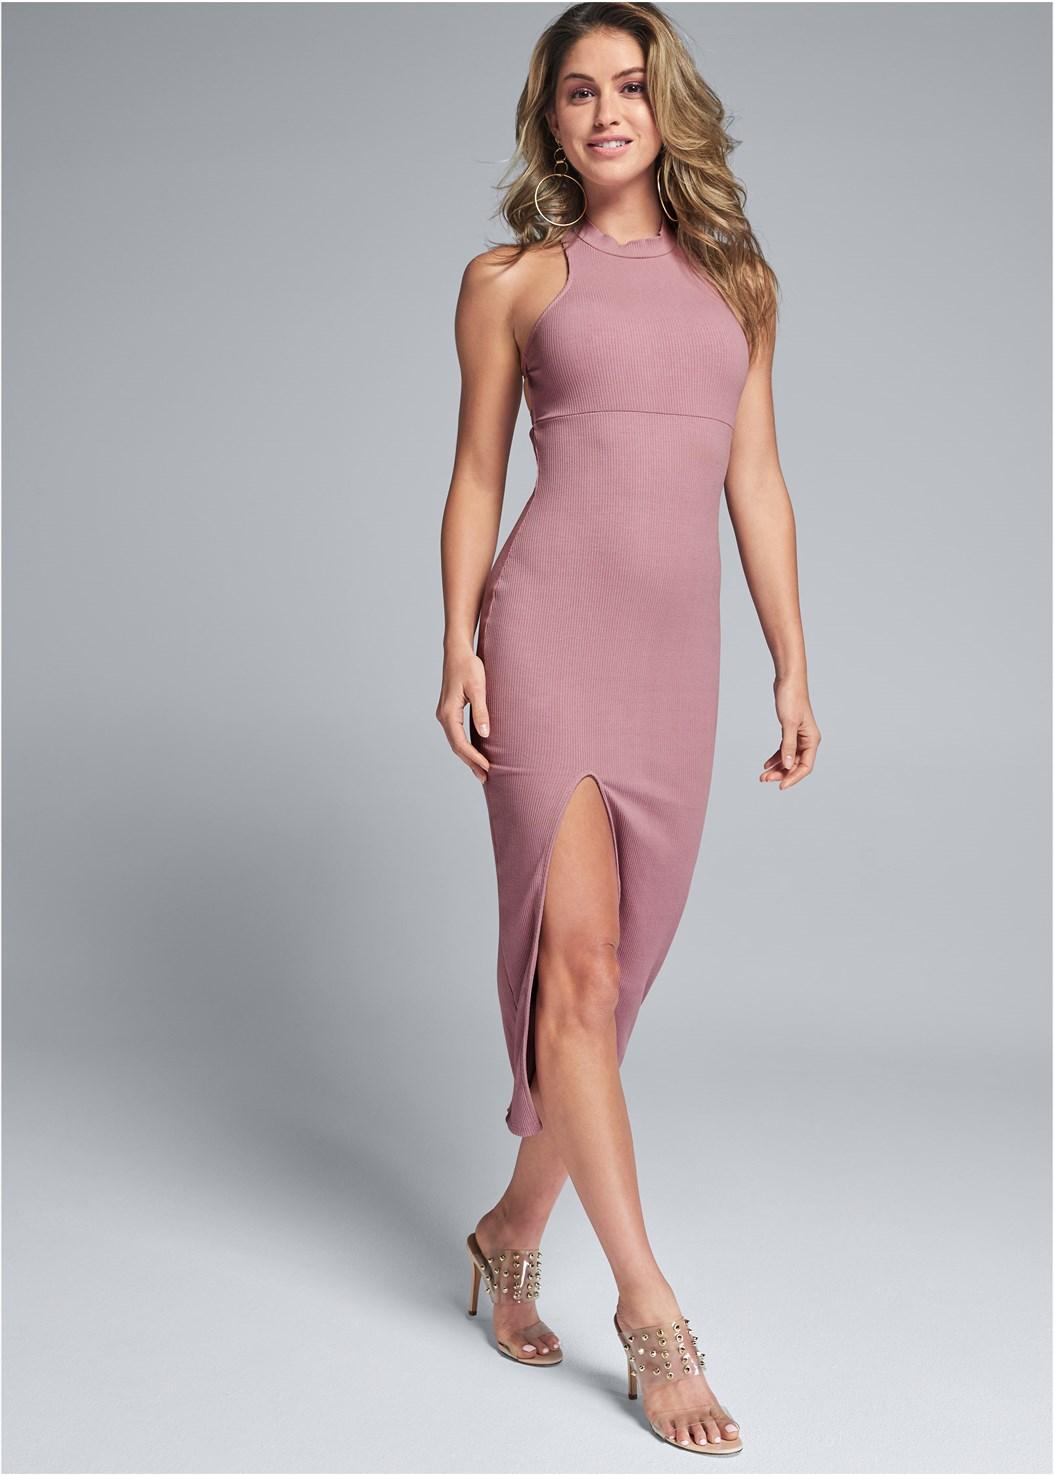 Ribbed Front Slit Dress,Embellished Lucite Heel